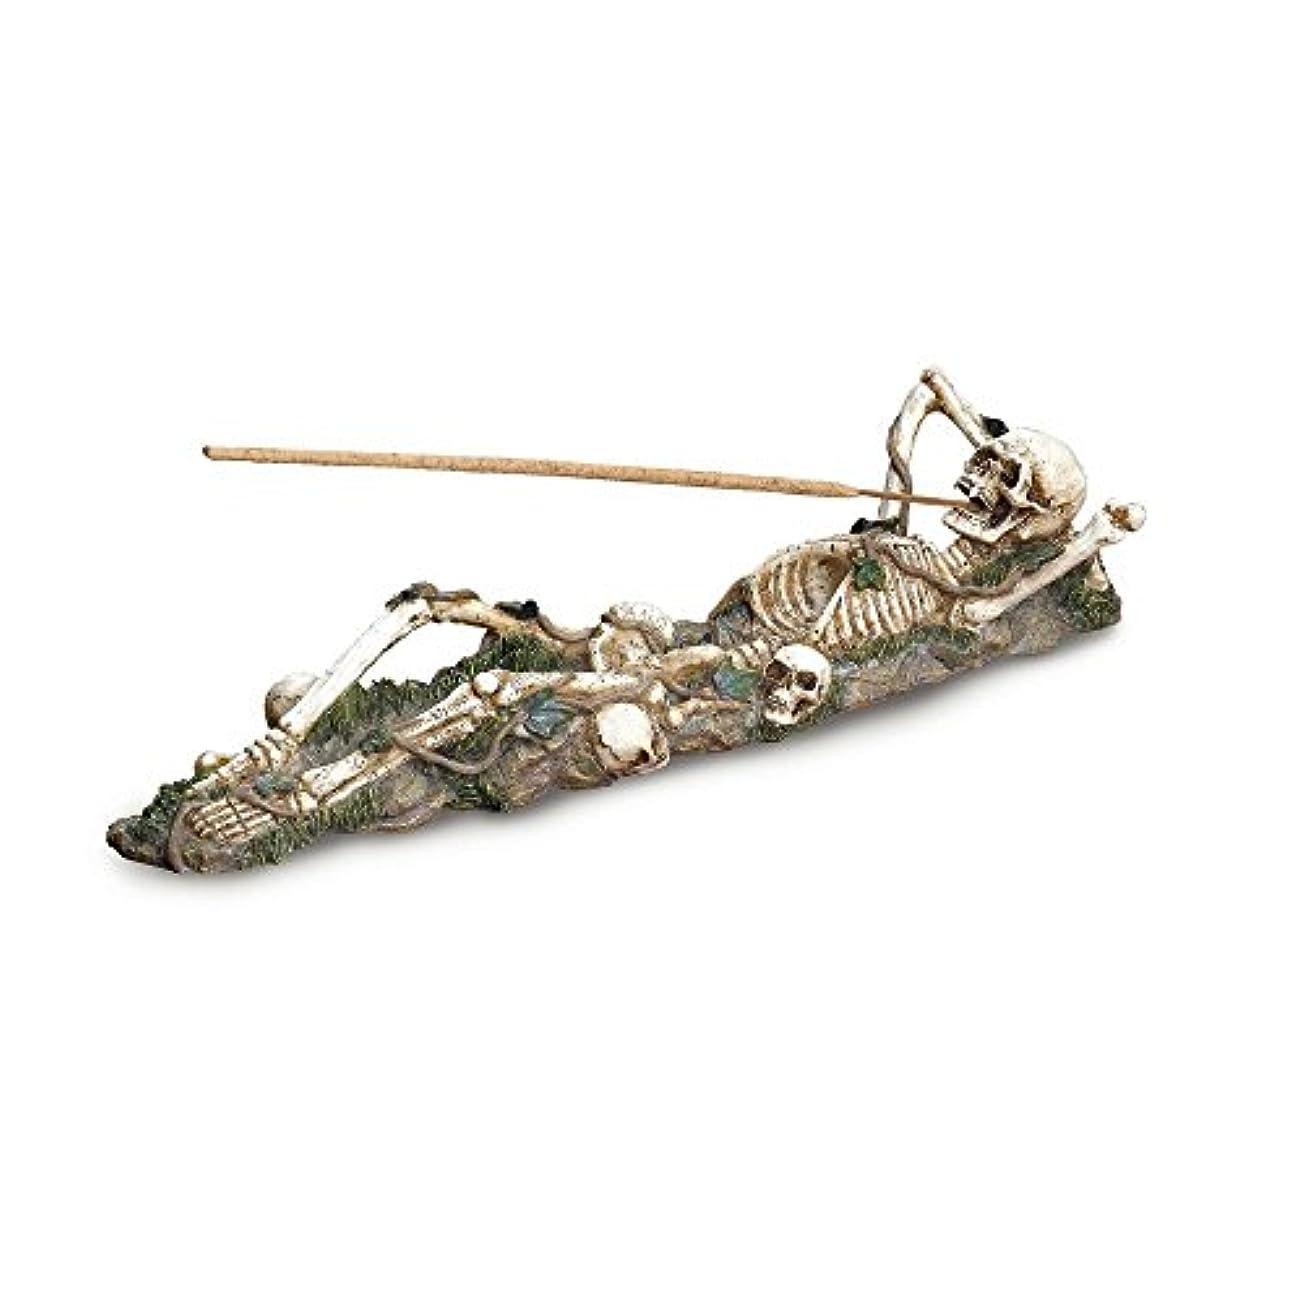 元気なカポック腐敗したGifts & Decor Skeleton Incense Burner Holder Collector Halloween Gift by Gifts & Decor